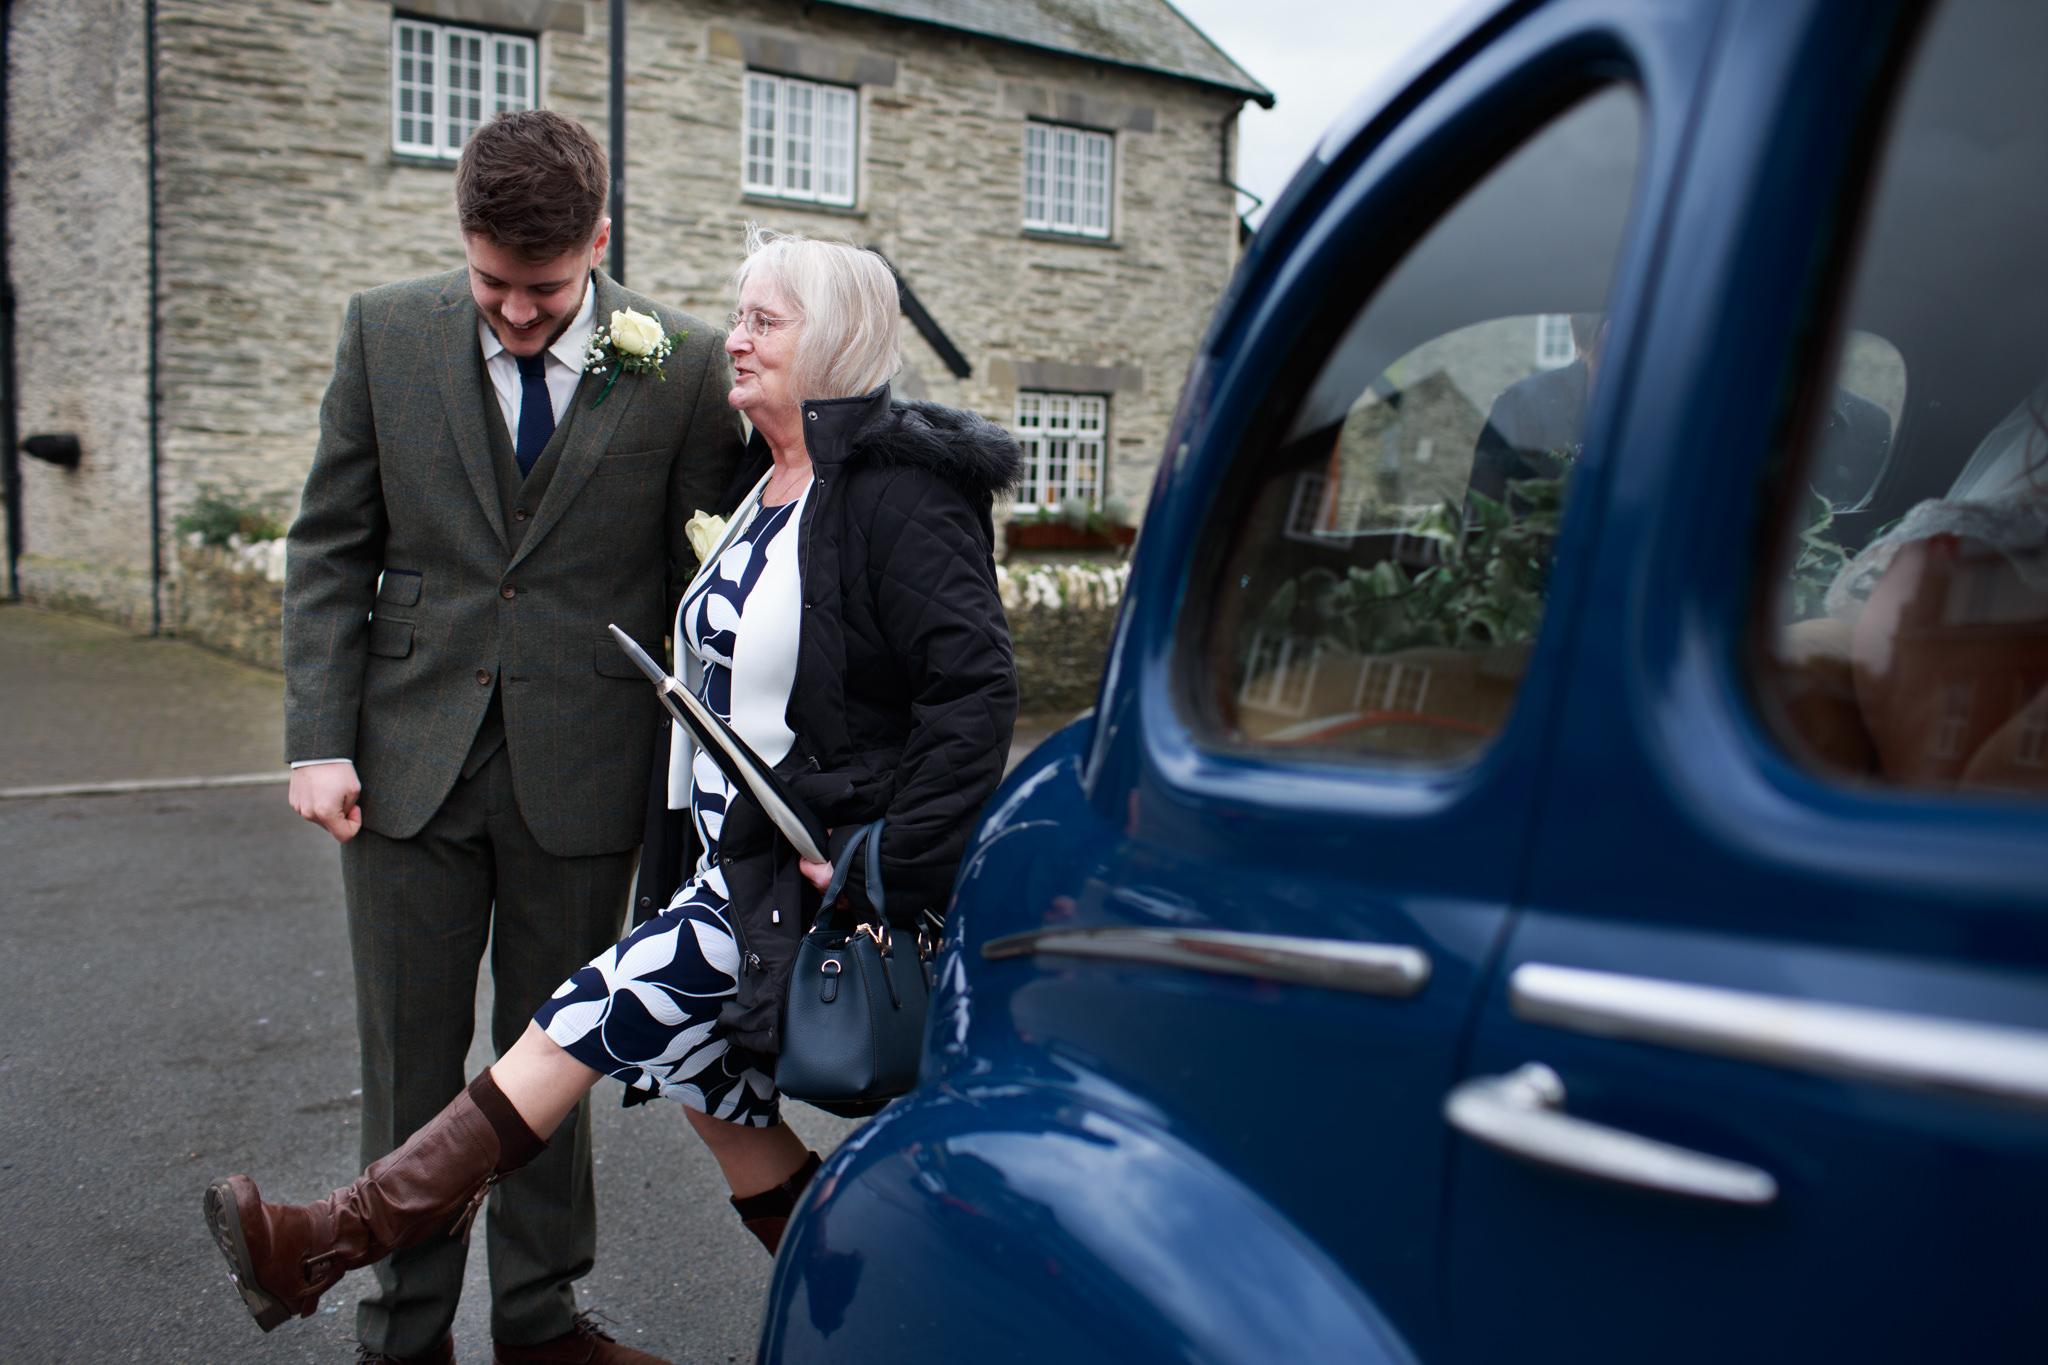 North Devon Wedding Photographer 014.jpg